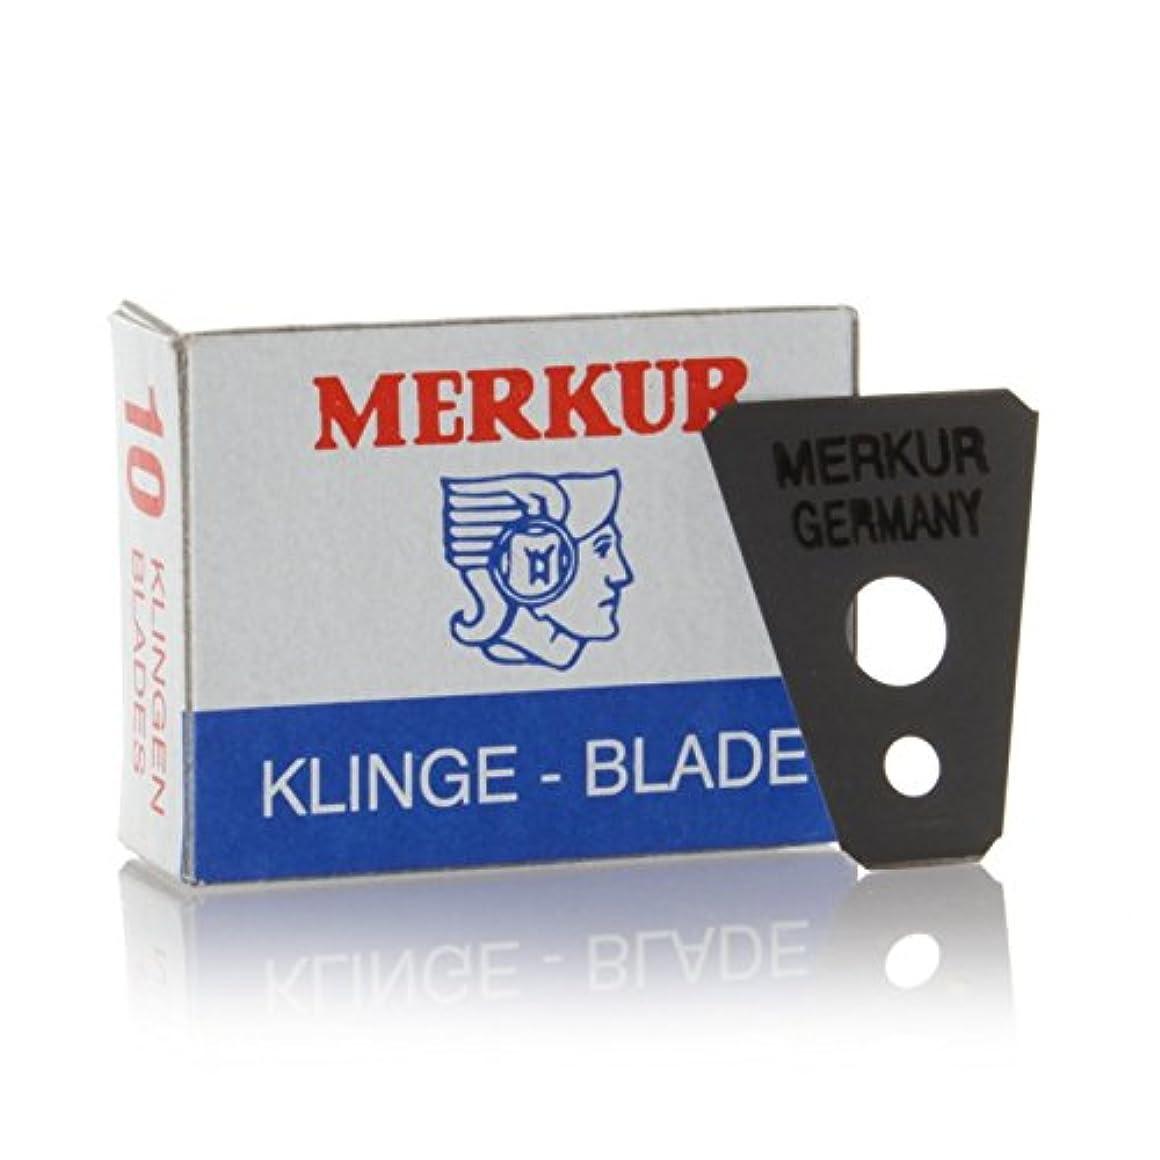 演劇独占性能MERKUR Solingen - Razor blades for moustache shaver, 10 pieces, 90908100